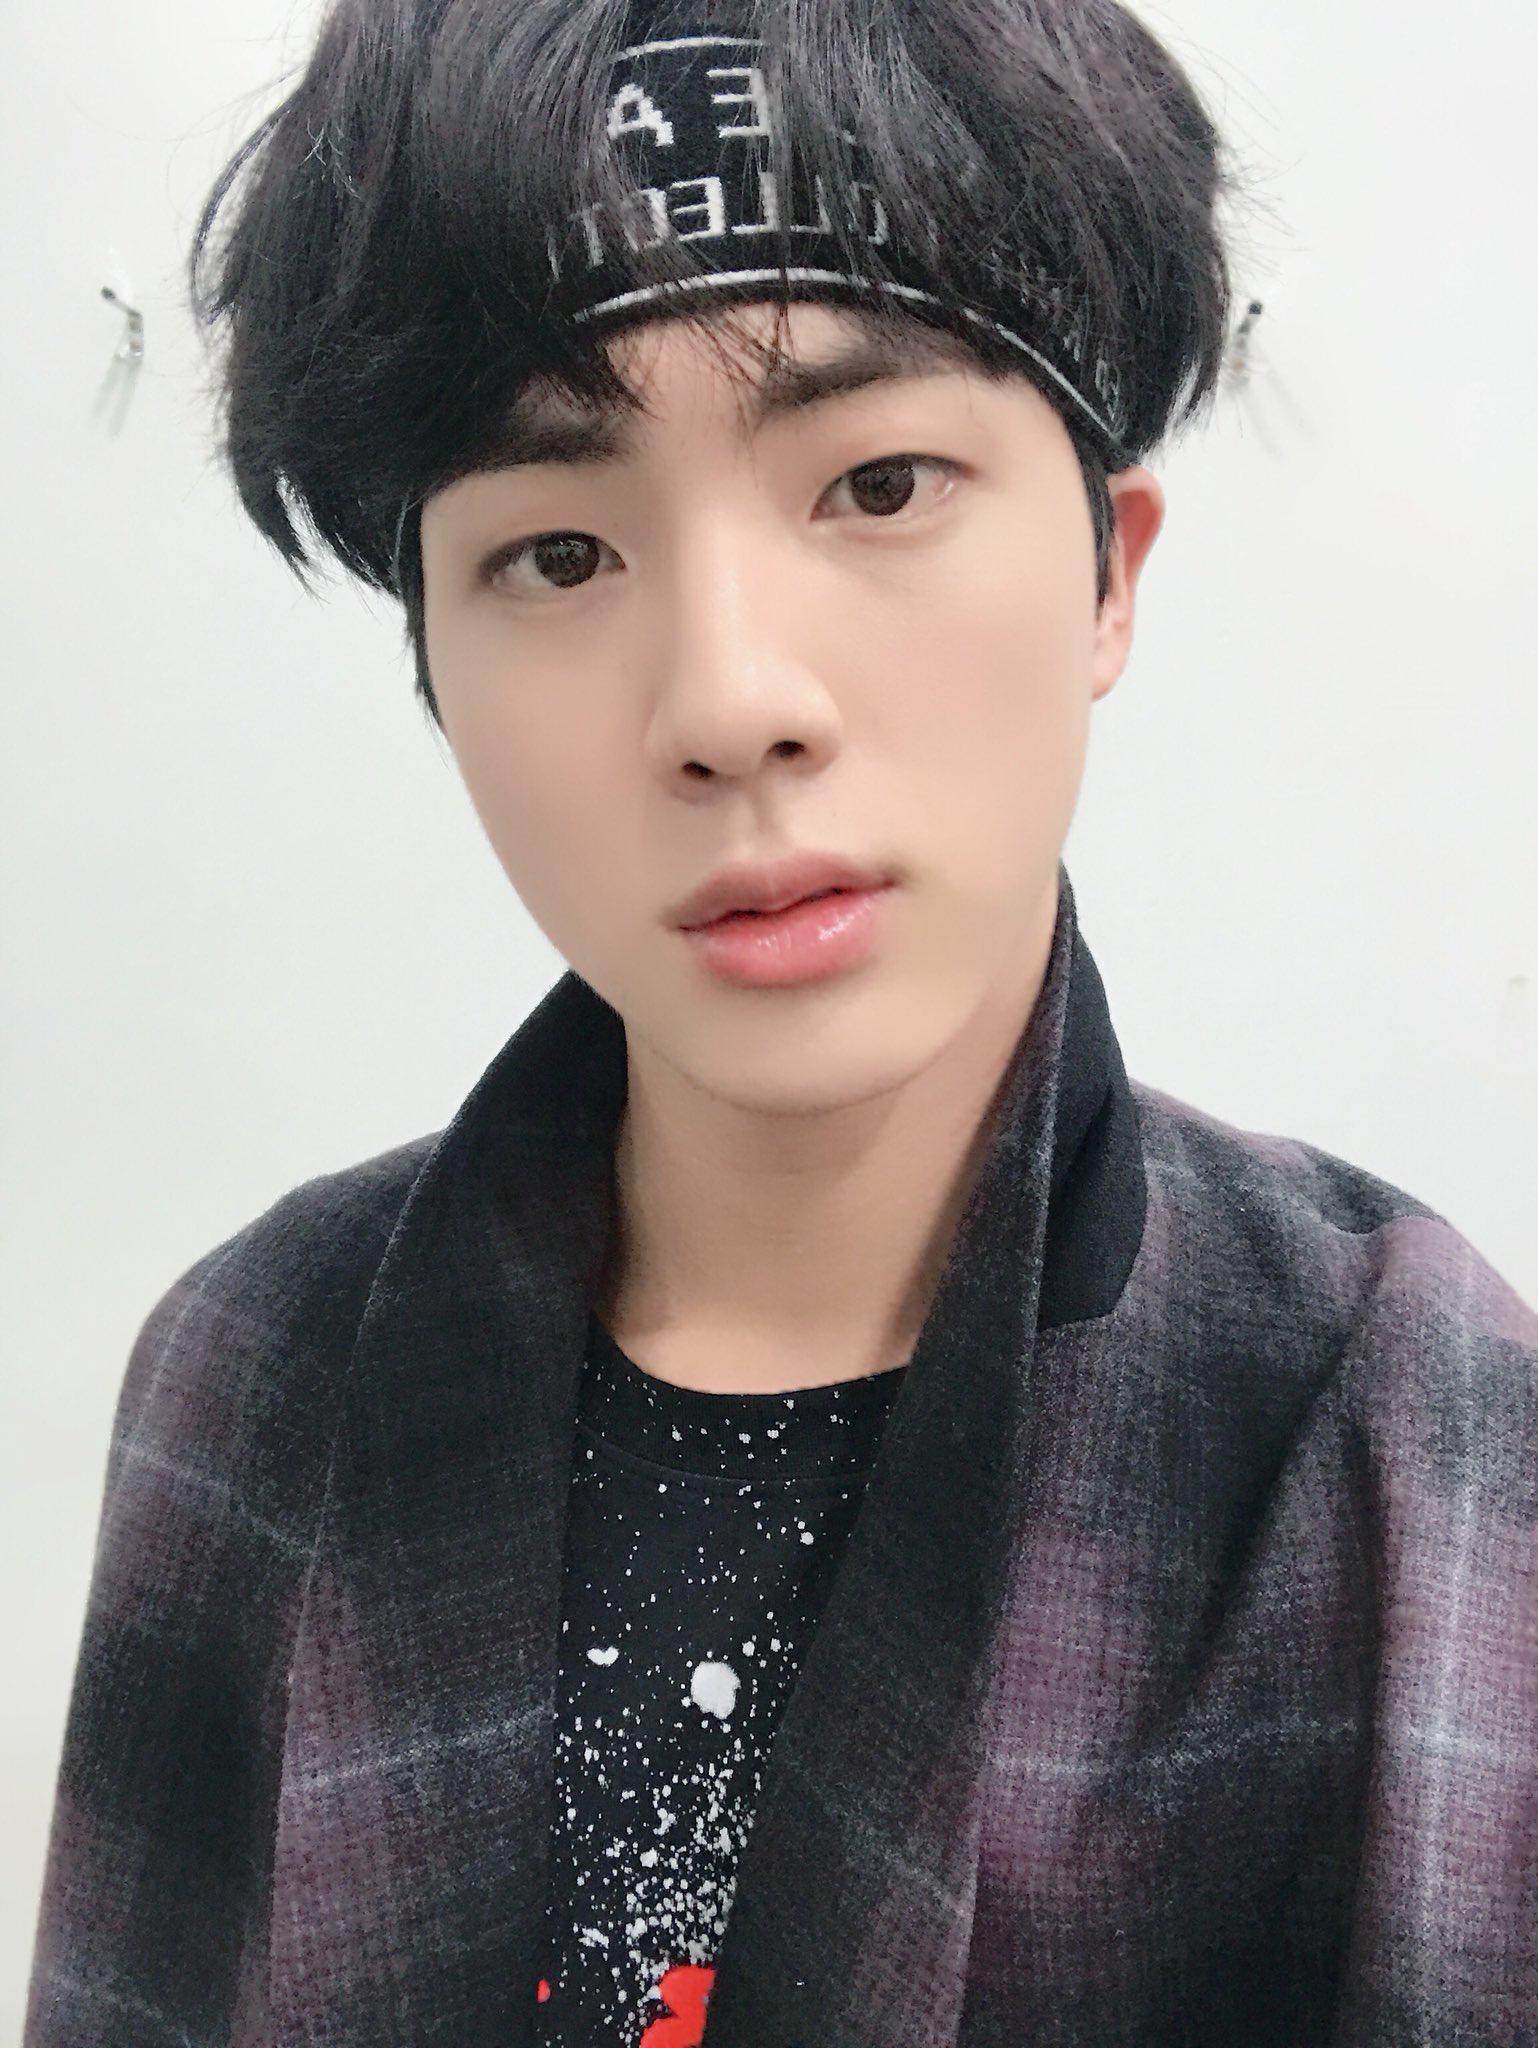 Bts Kim Seokjin